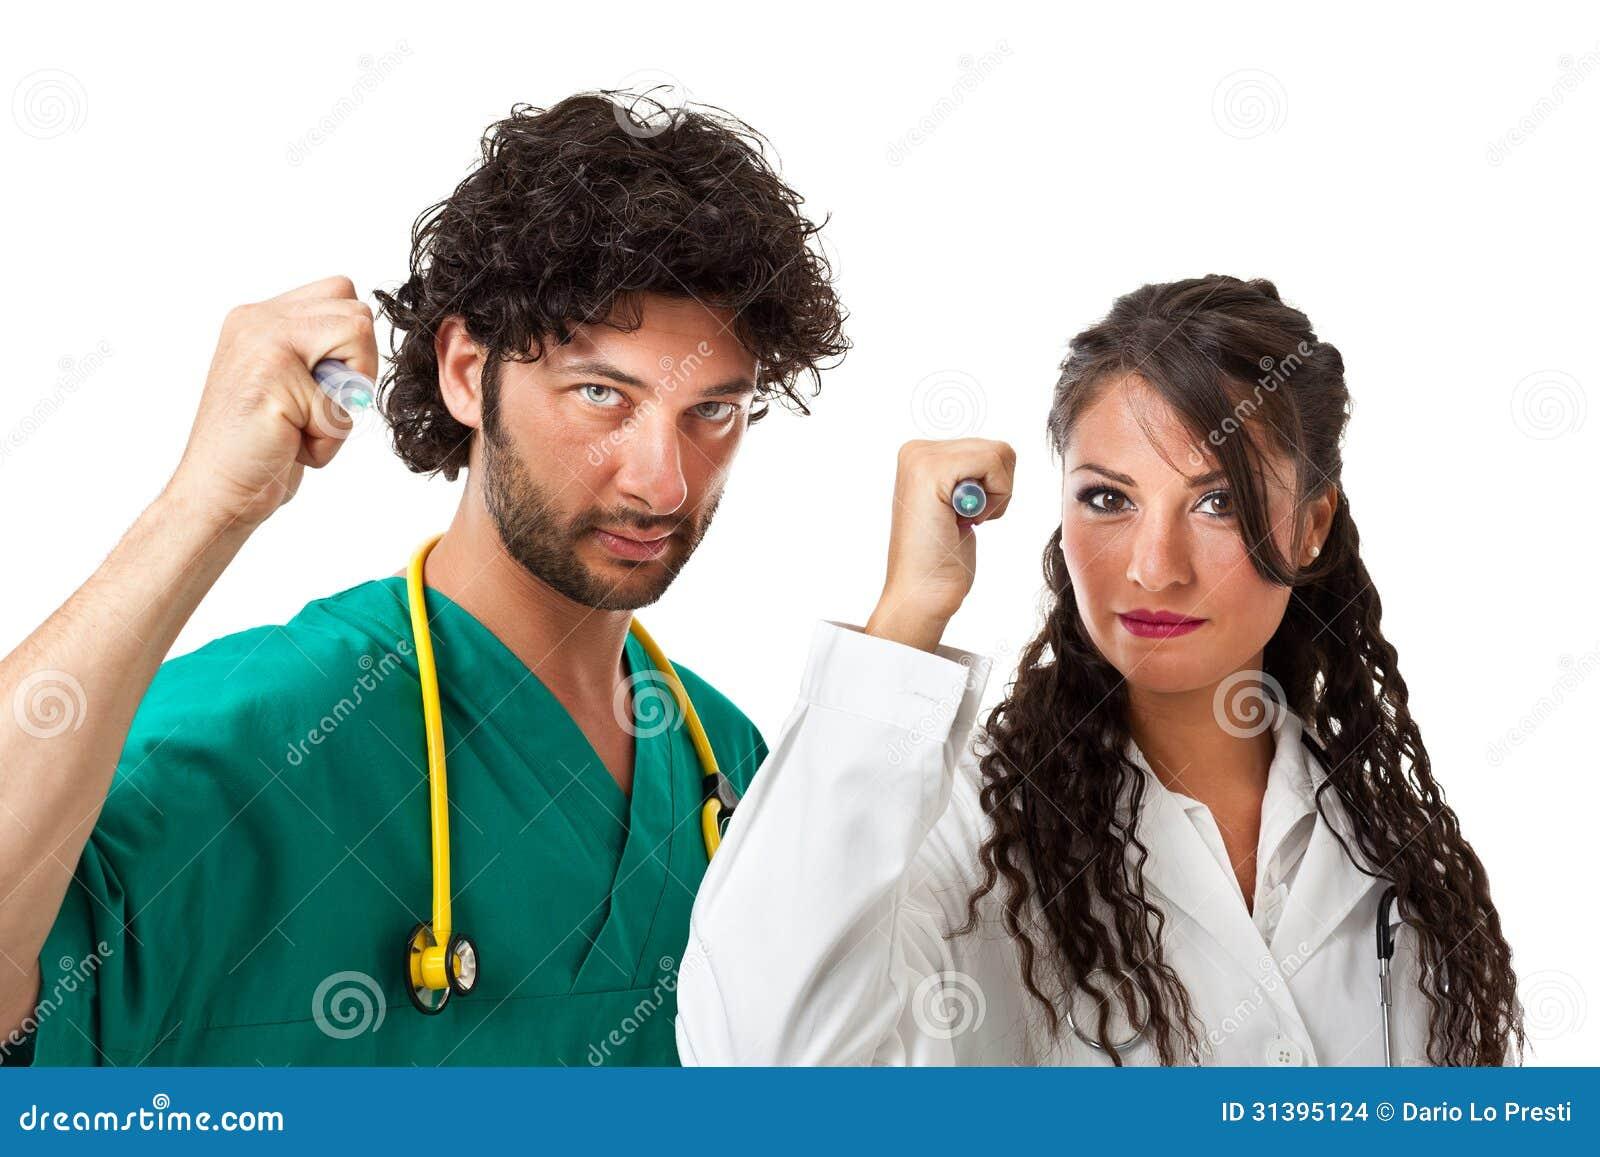 Sticka med injektionssprutor